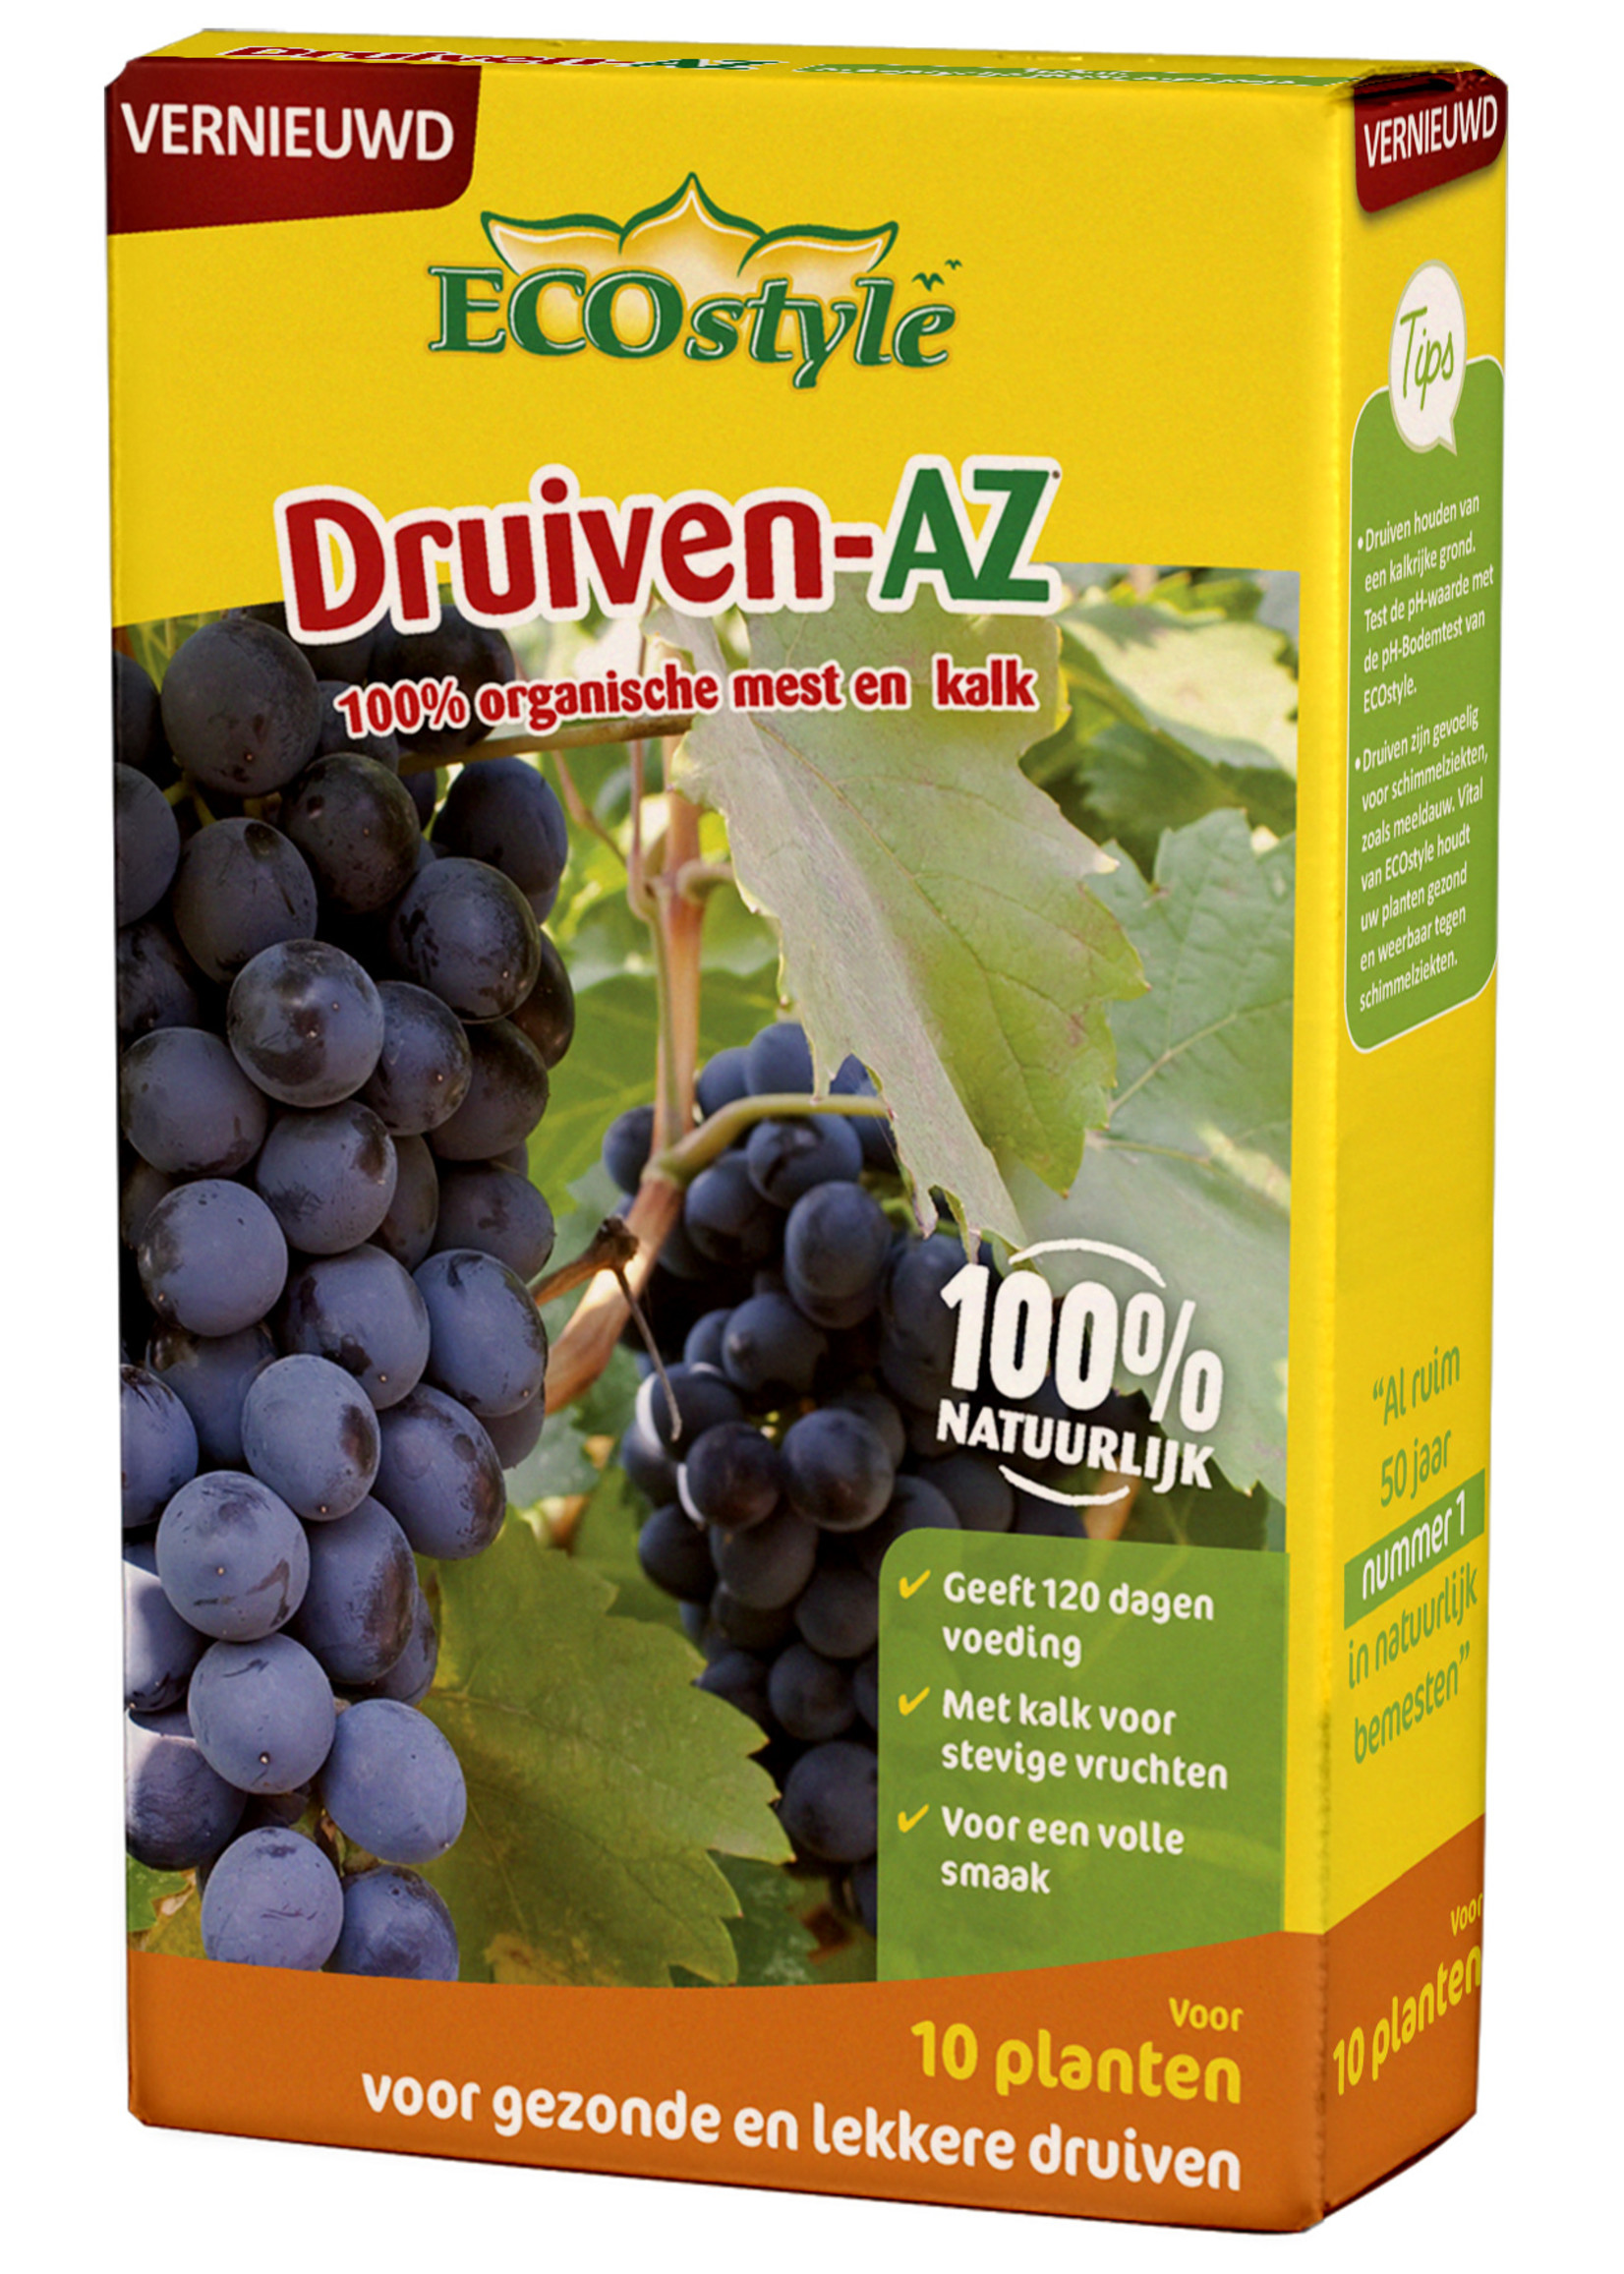 Ecostyle Druiven-AZ meststof 800 gram (voor ca. 10 planten)